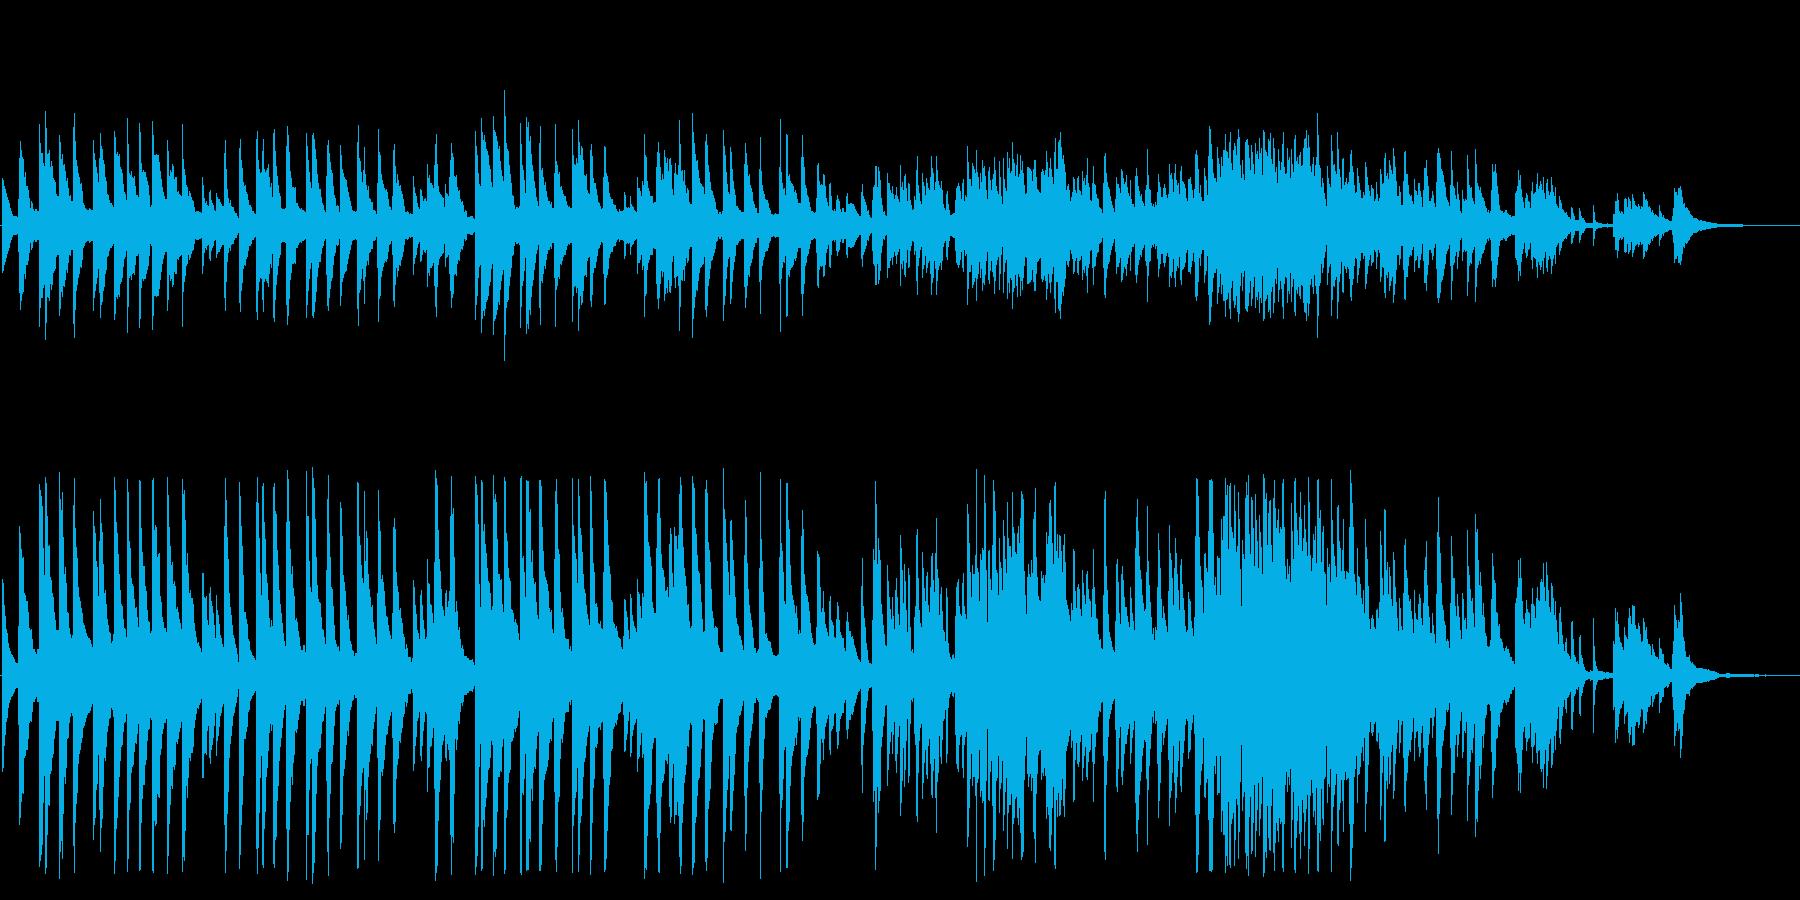 「蛍の光」ピアノカバーBGMの再生済みの波形